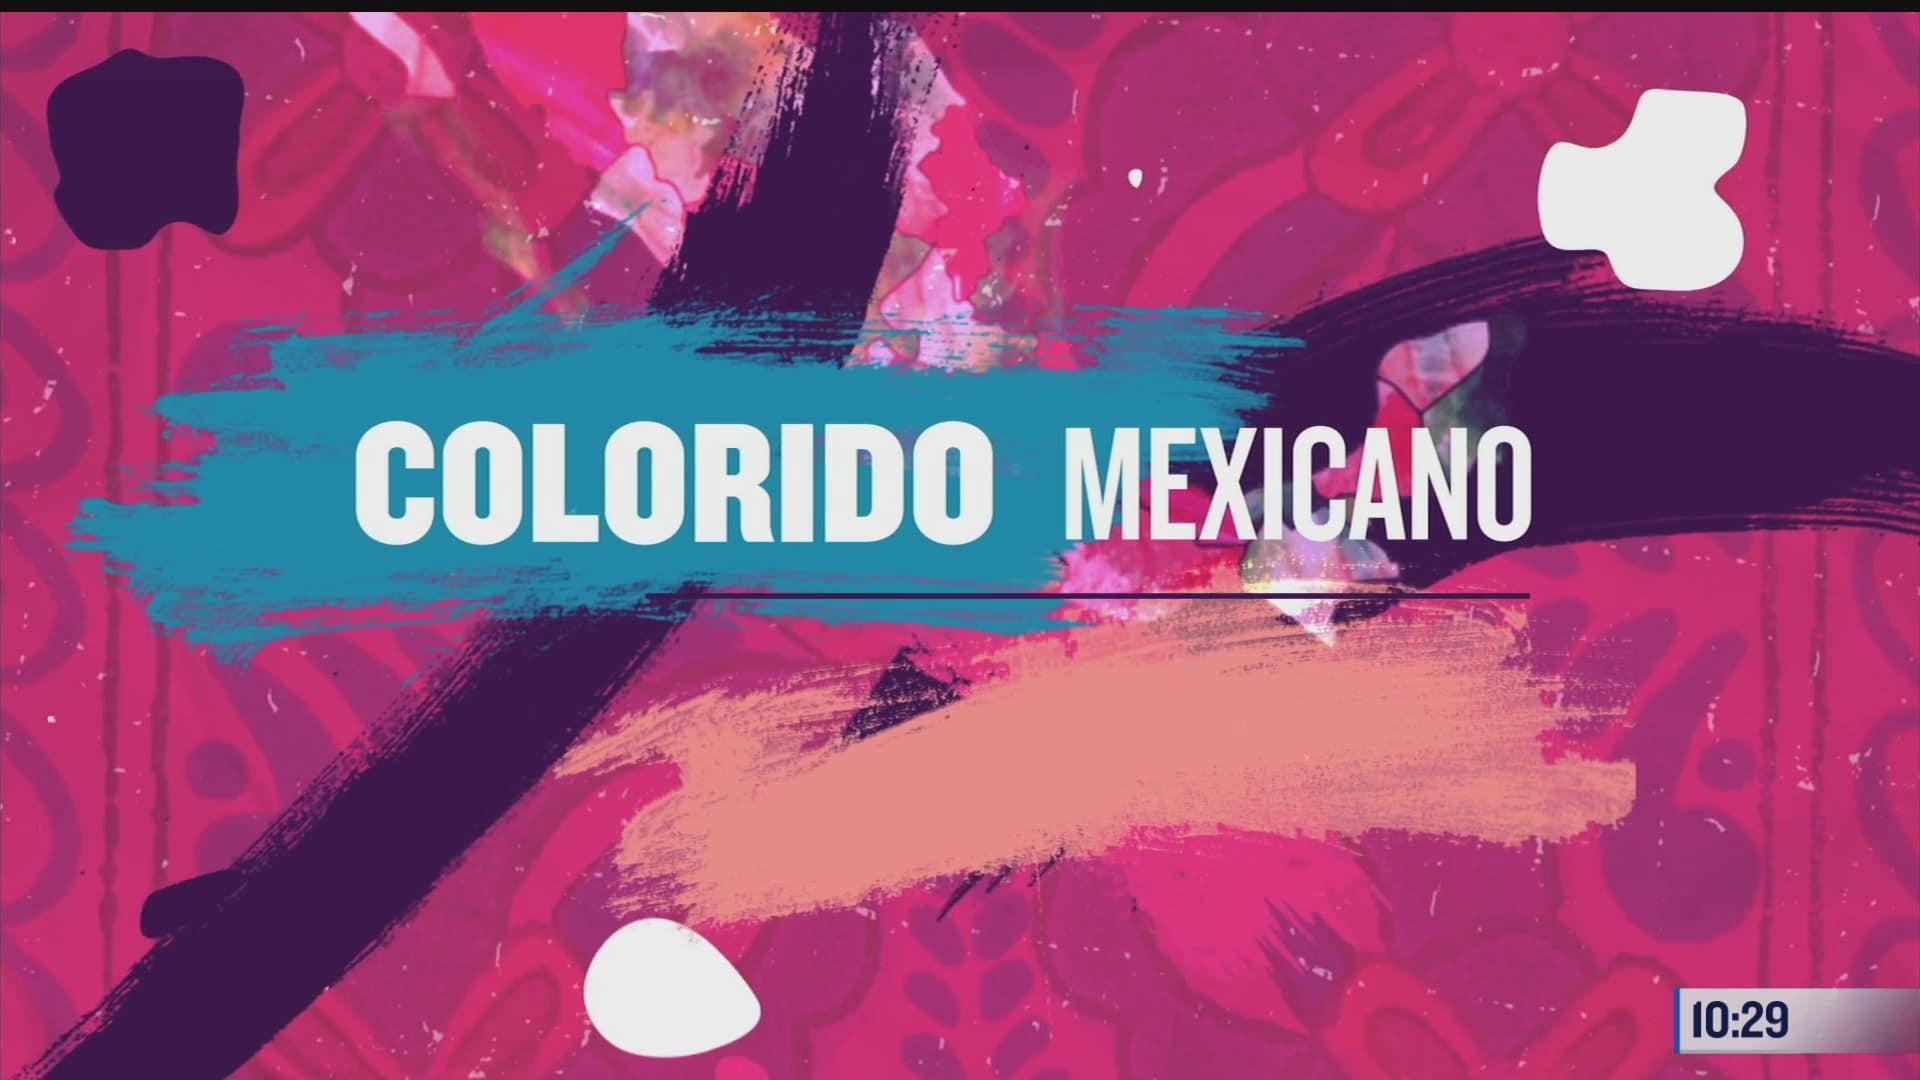 el colorido mexicano por toda la republica